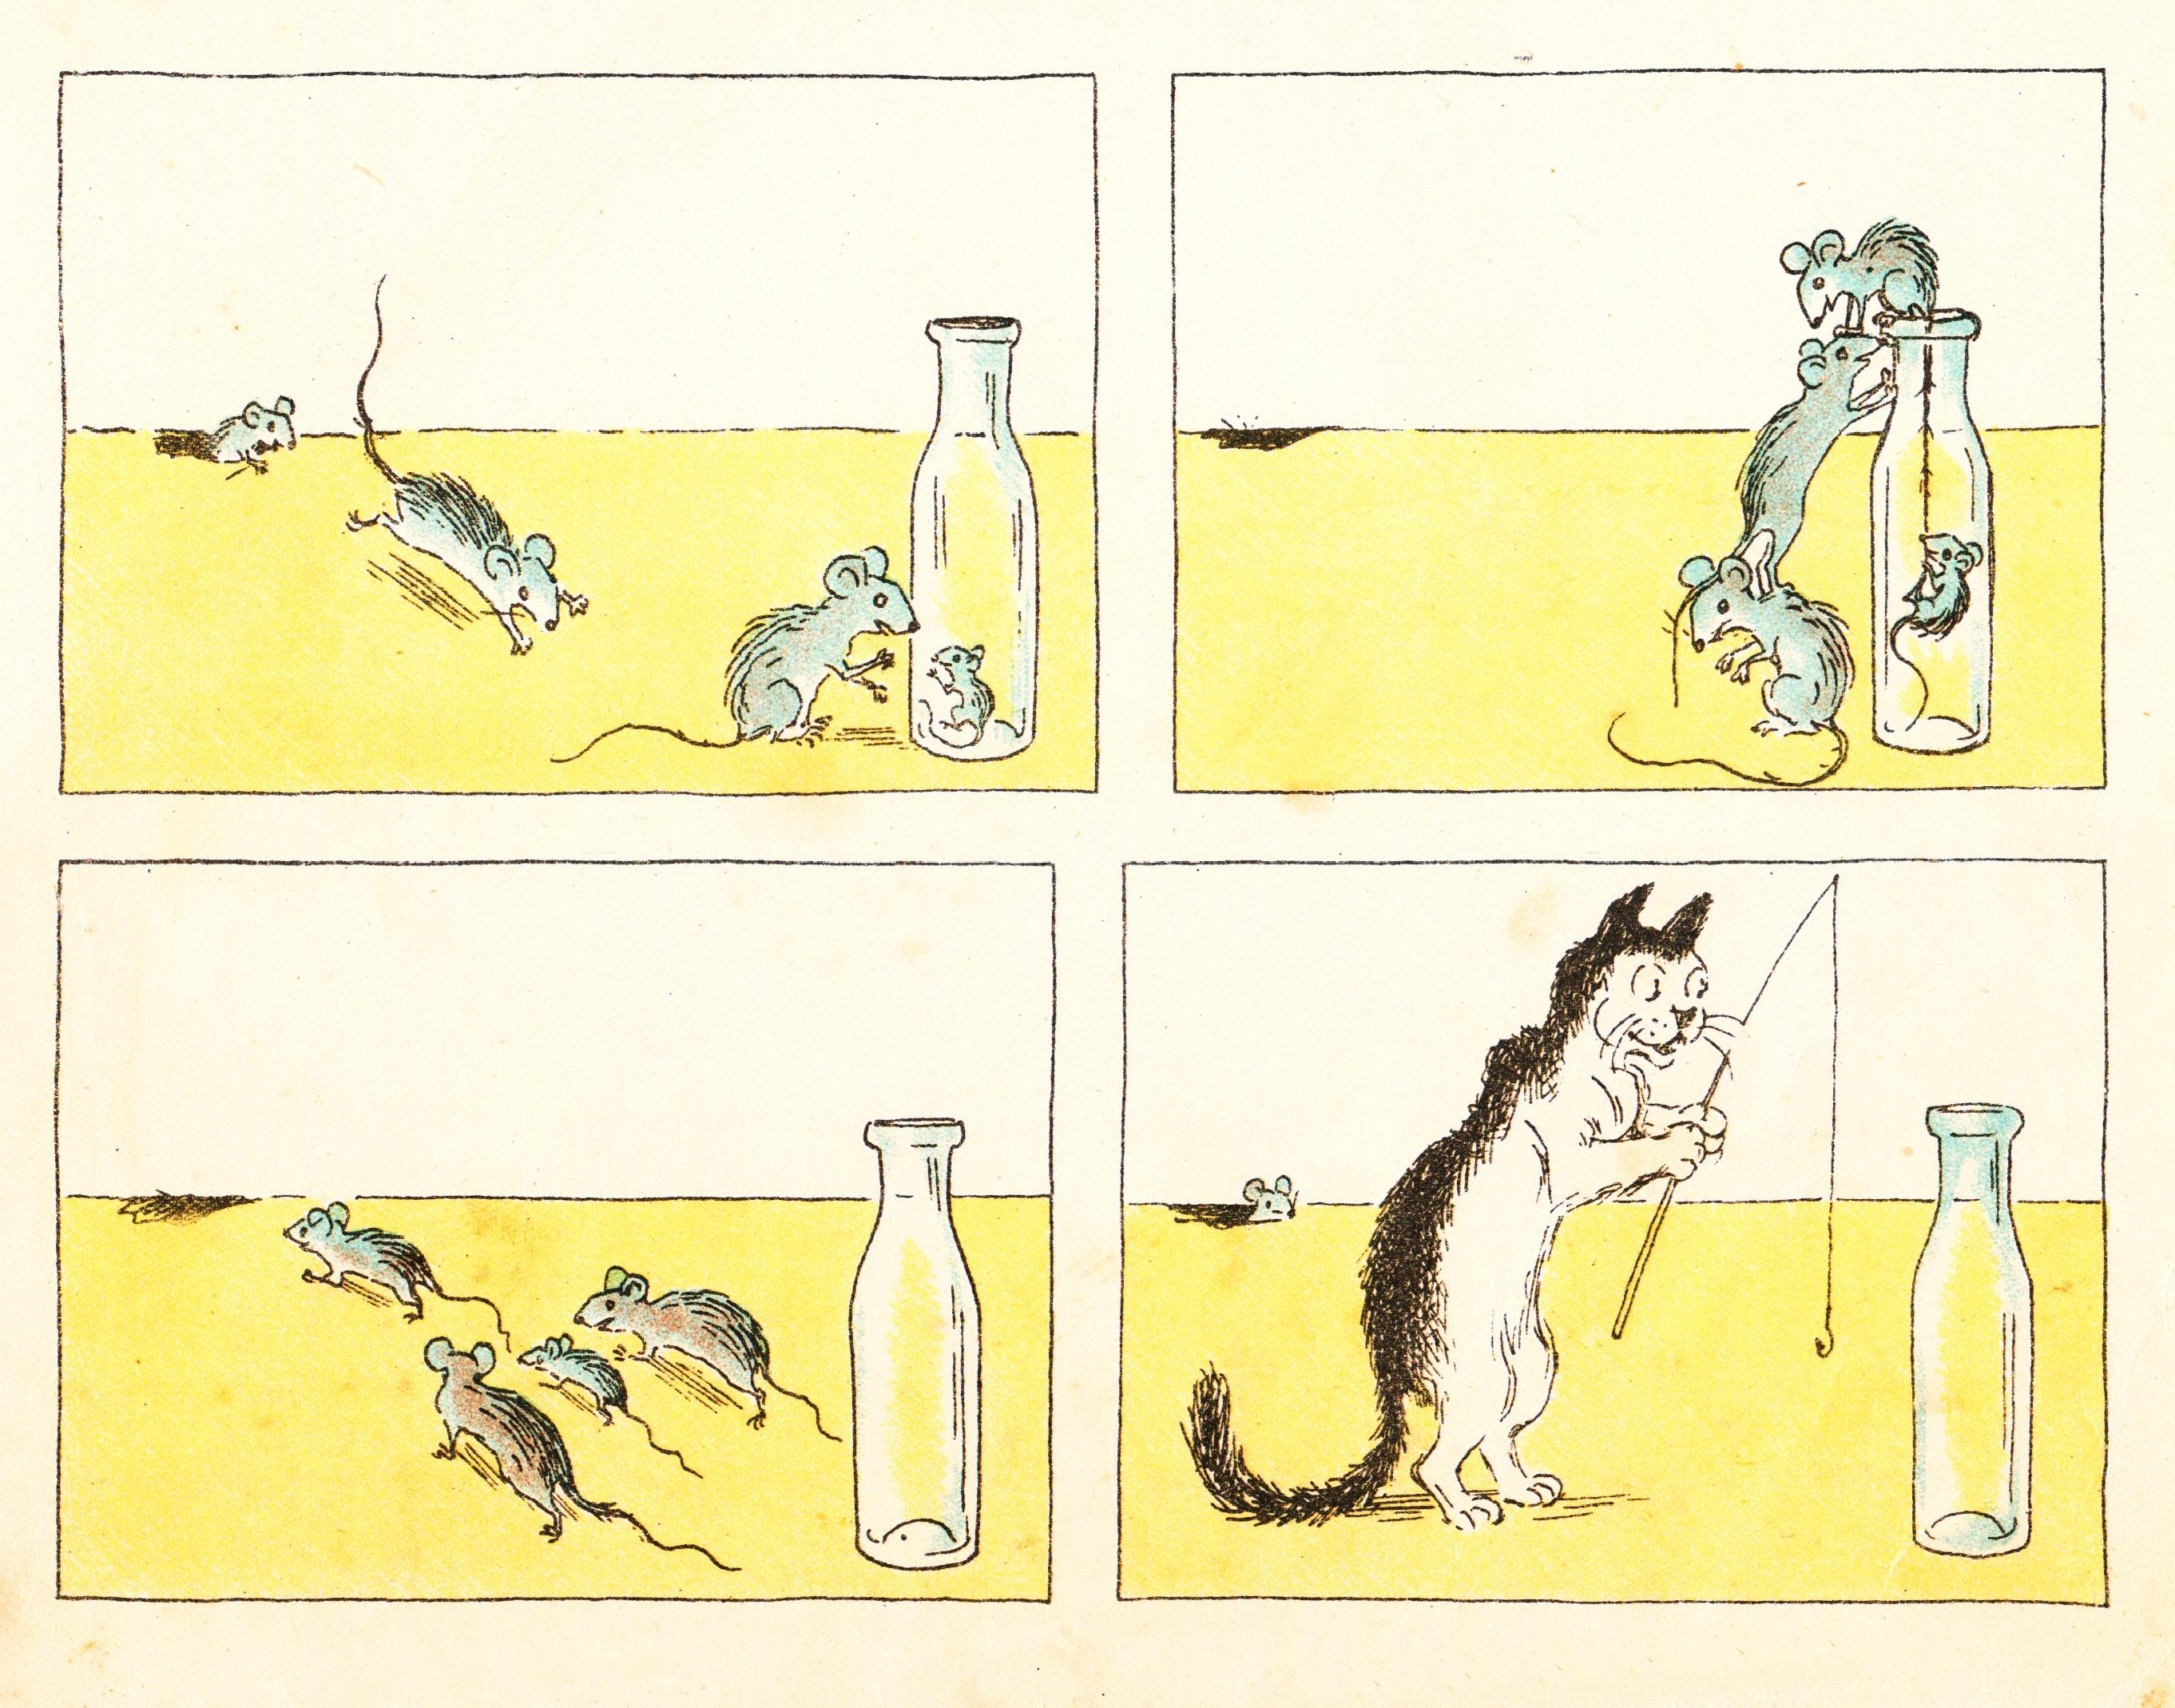 зачастую рассказ по картинкам как мышка афинах люди